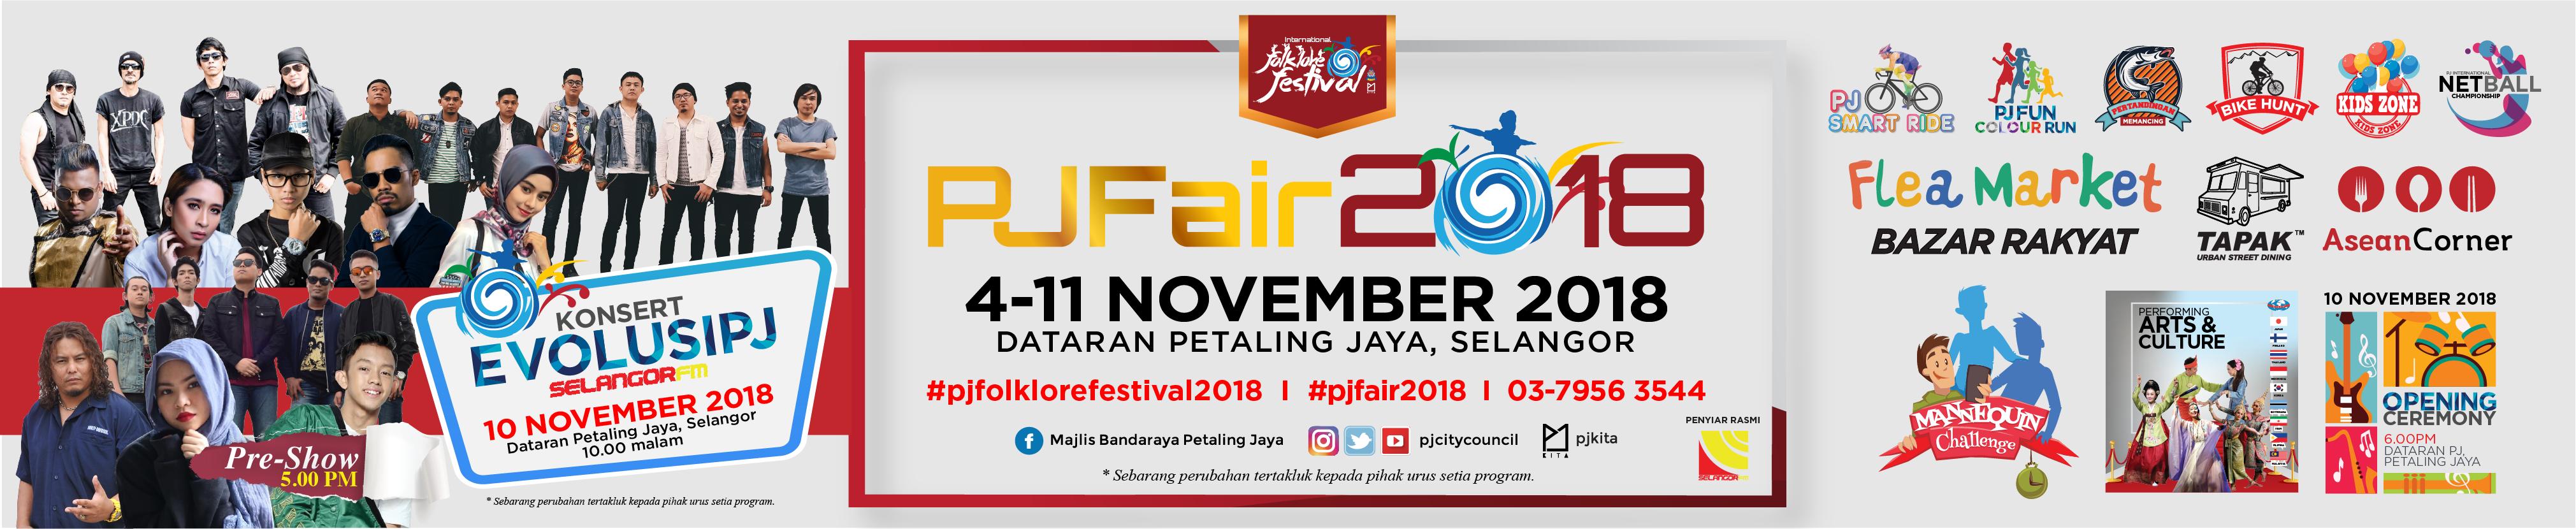 Banner PJFair2018